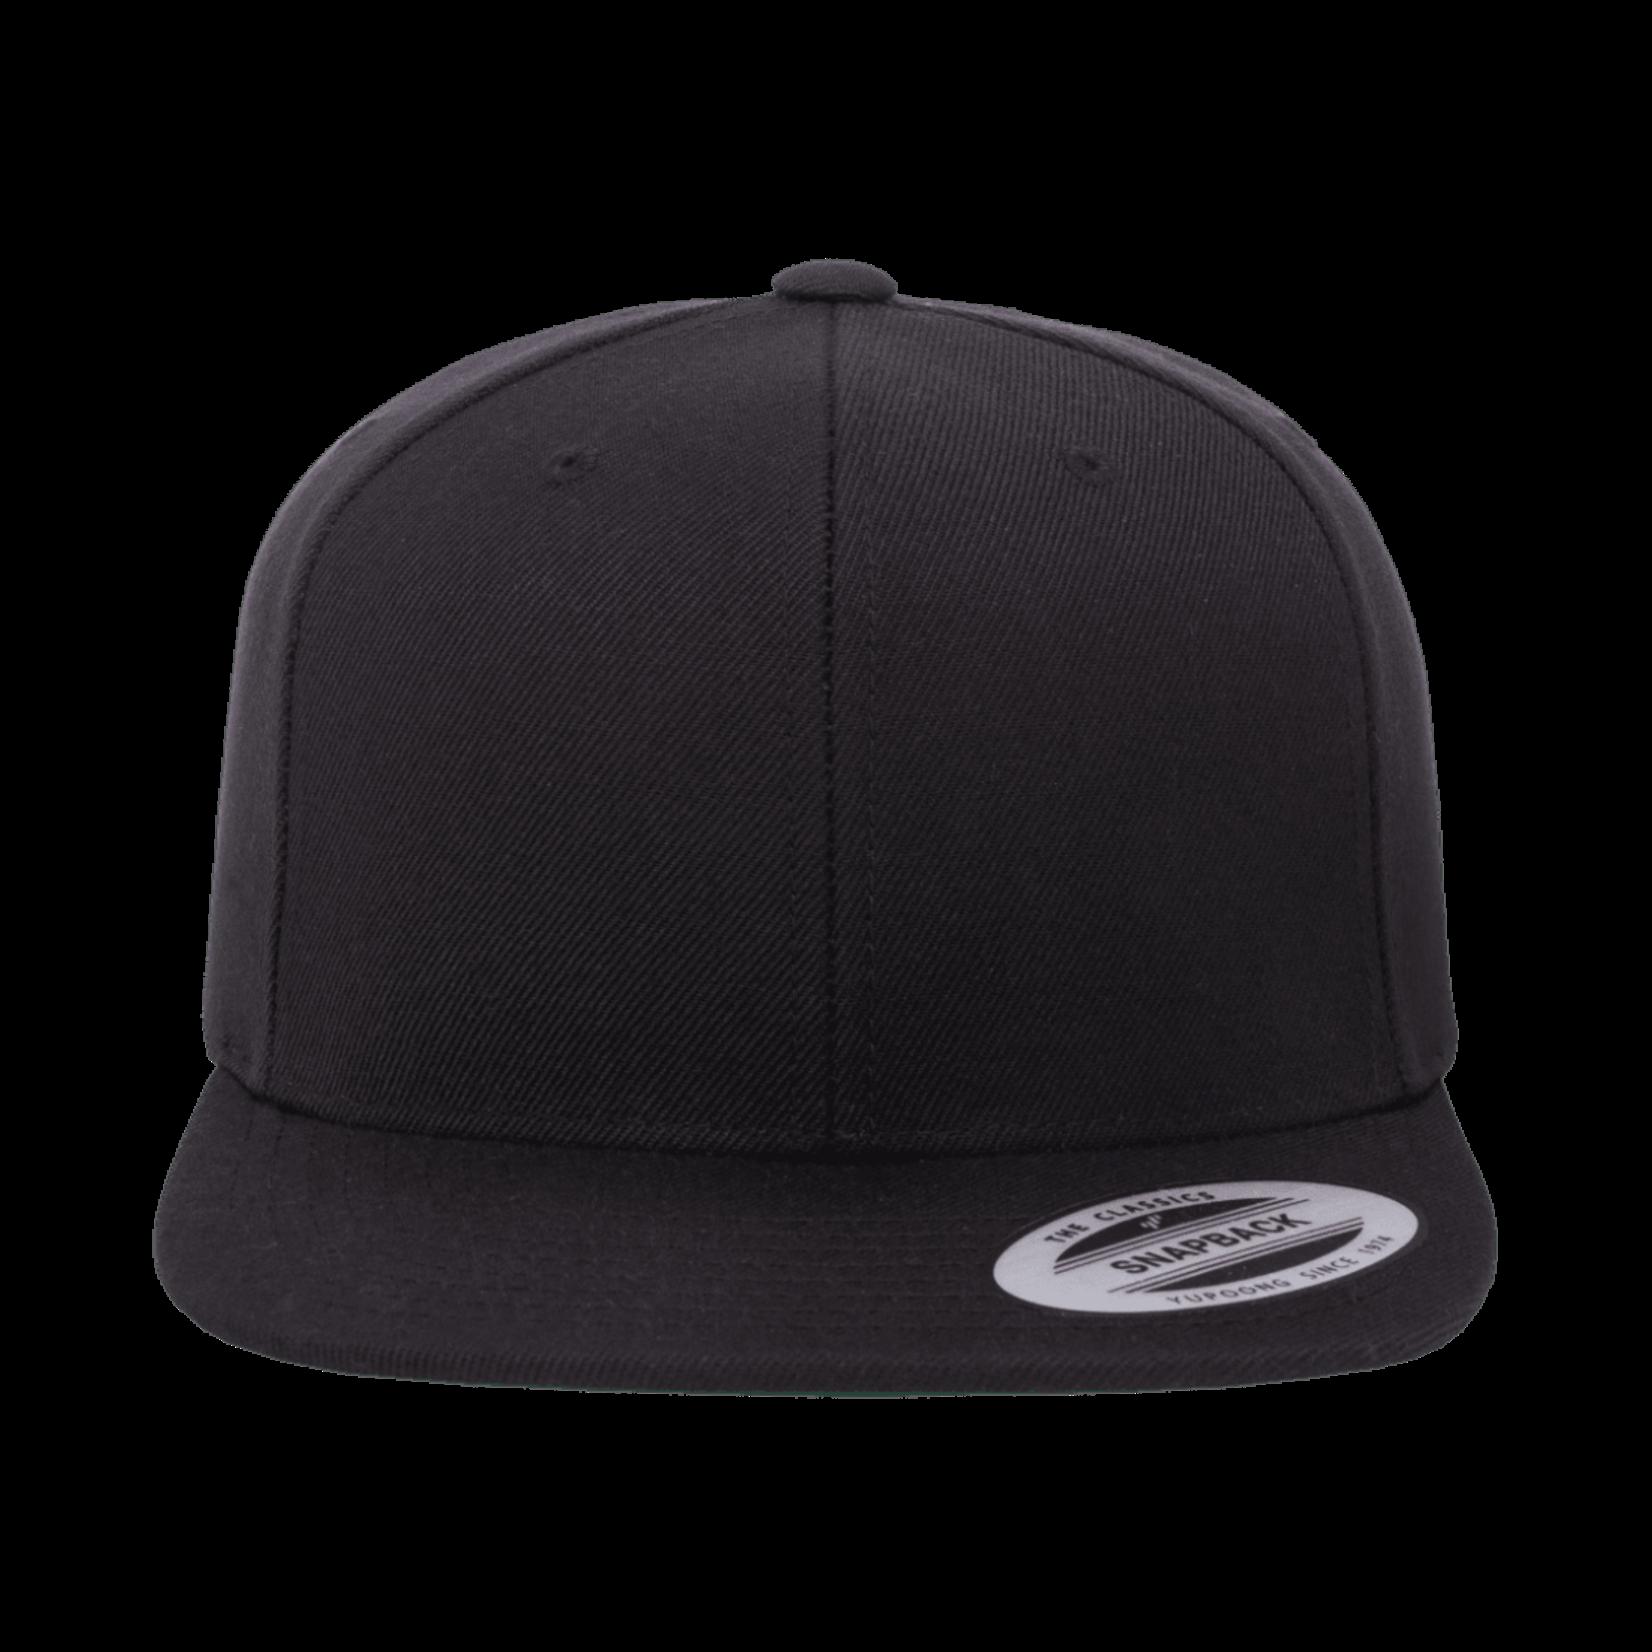 Flexfit Flexfit 6089M Premium Snapback Hat - Black